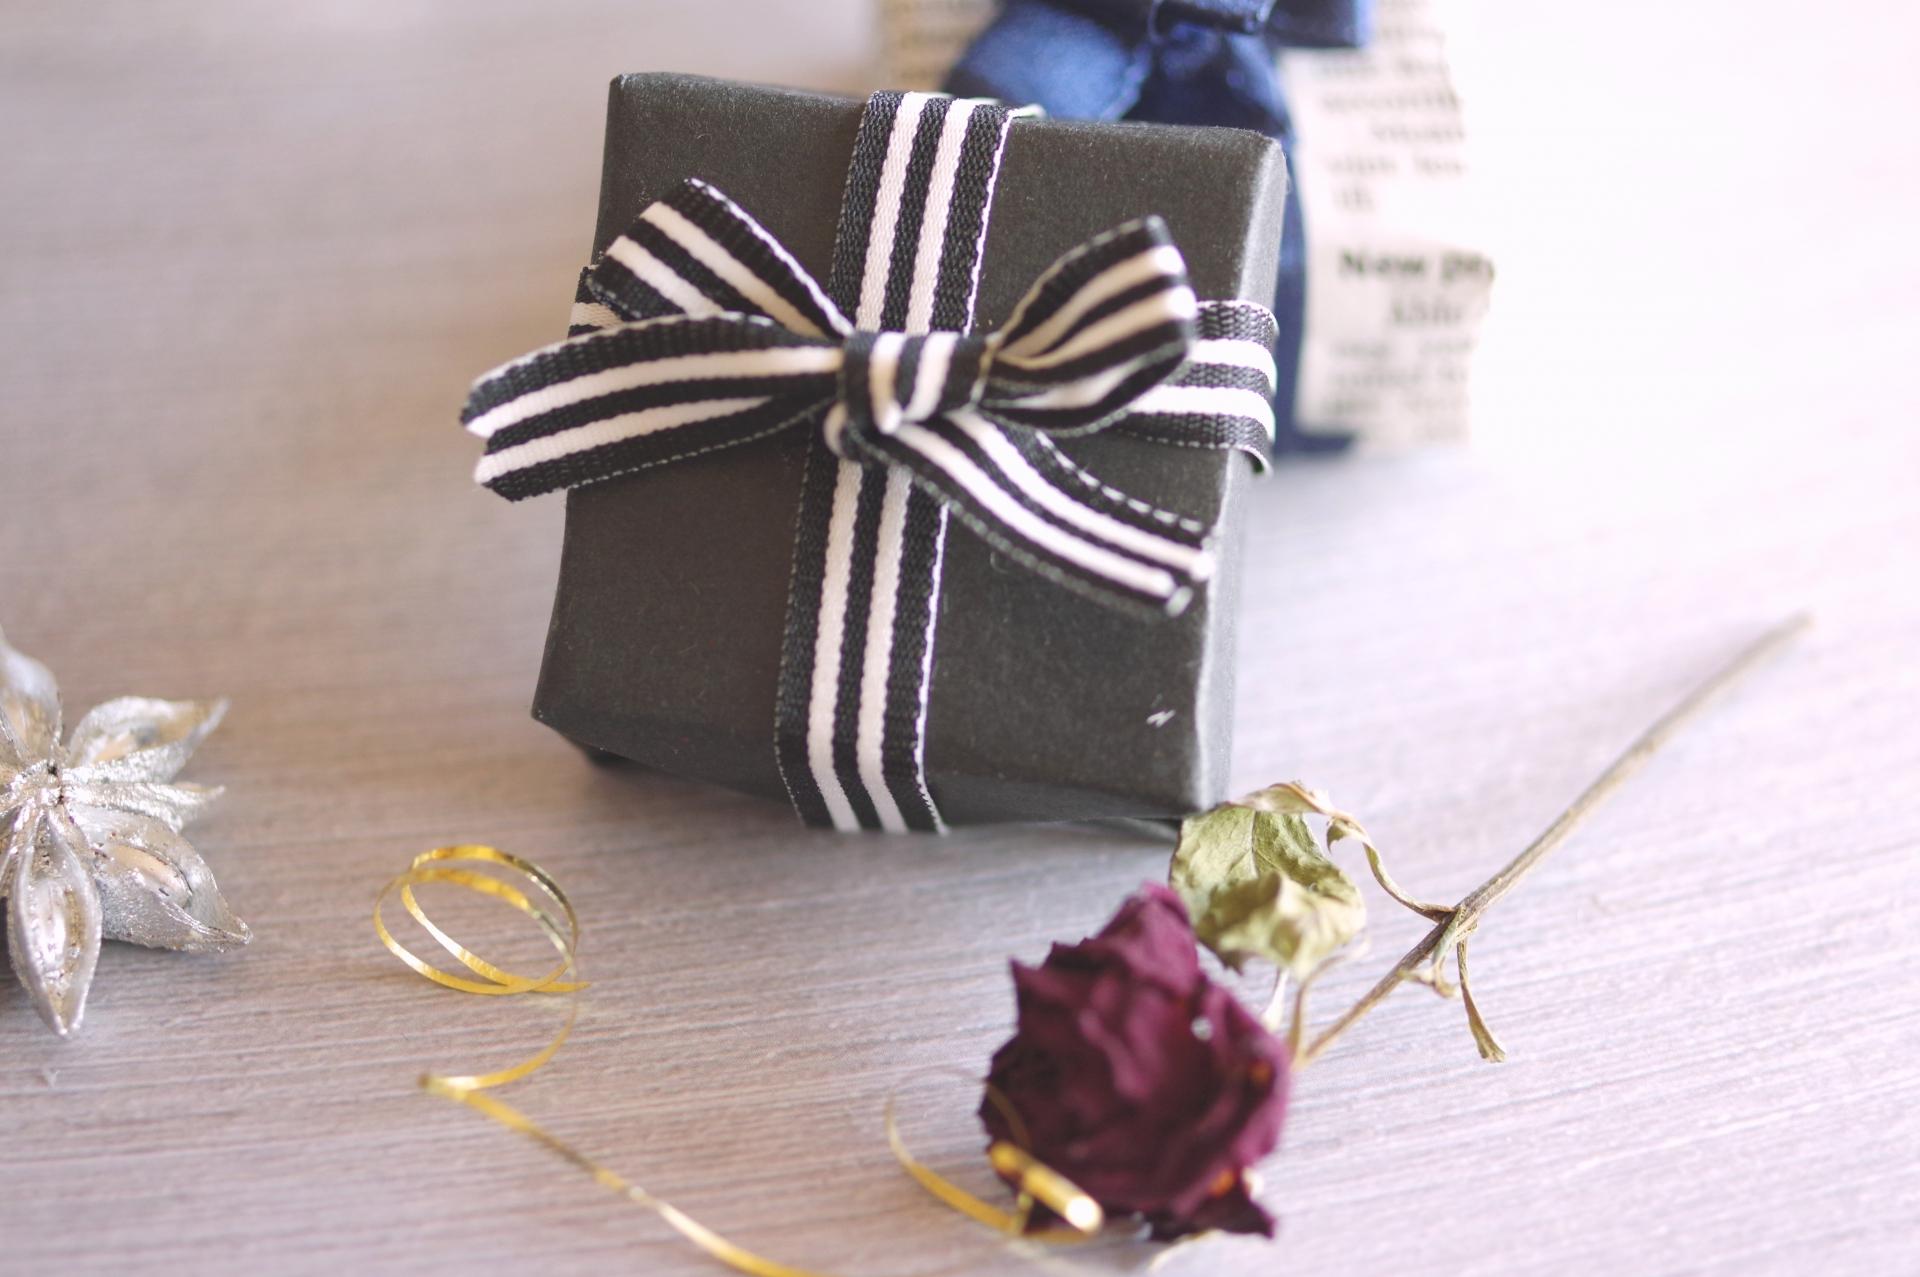 敬老の日プレゼントのおすすめ30選!健康グッズや日用品など